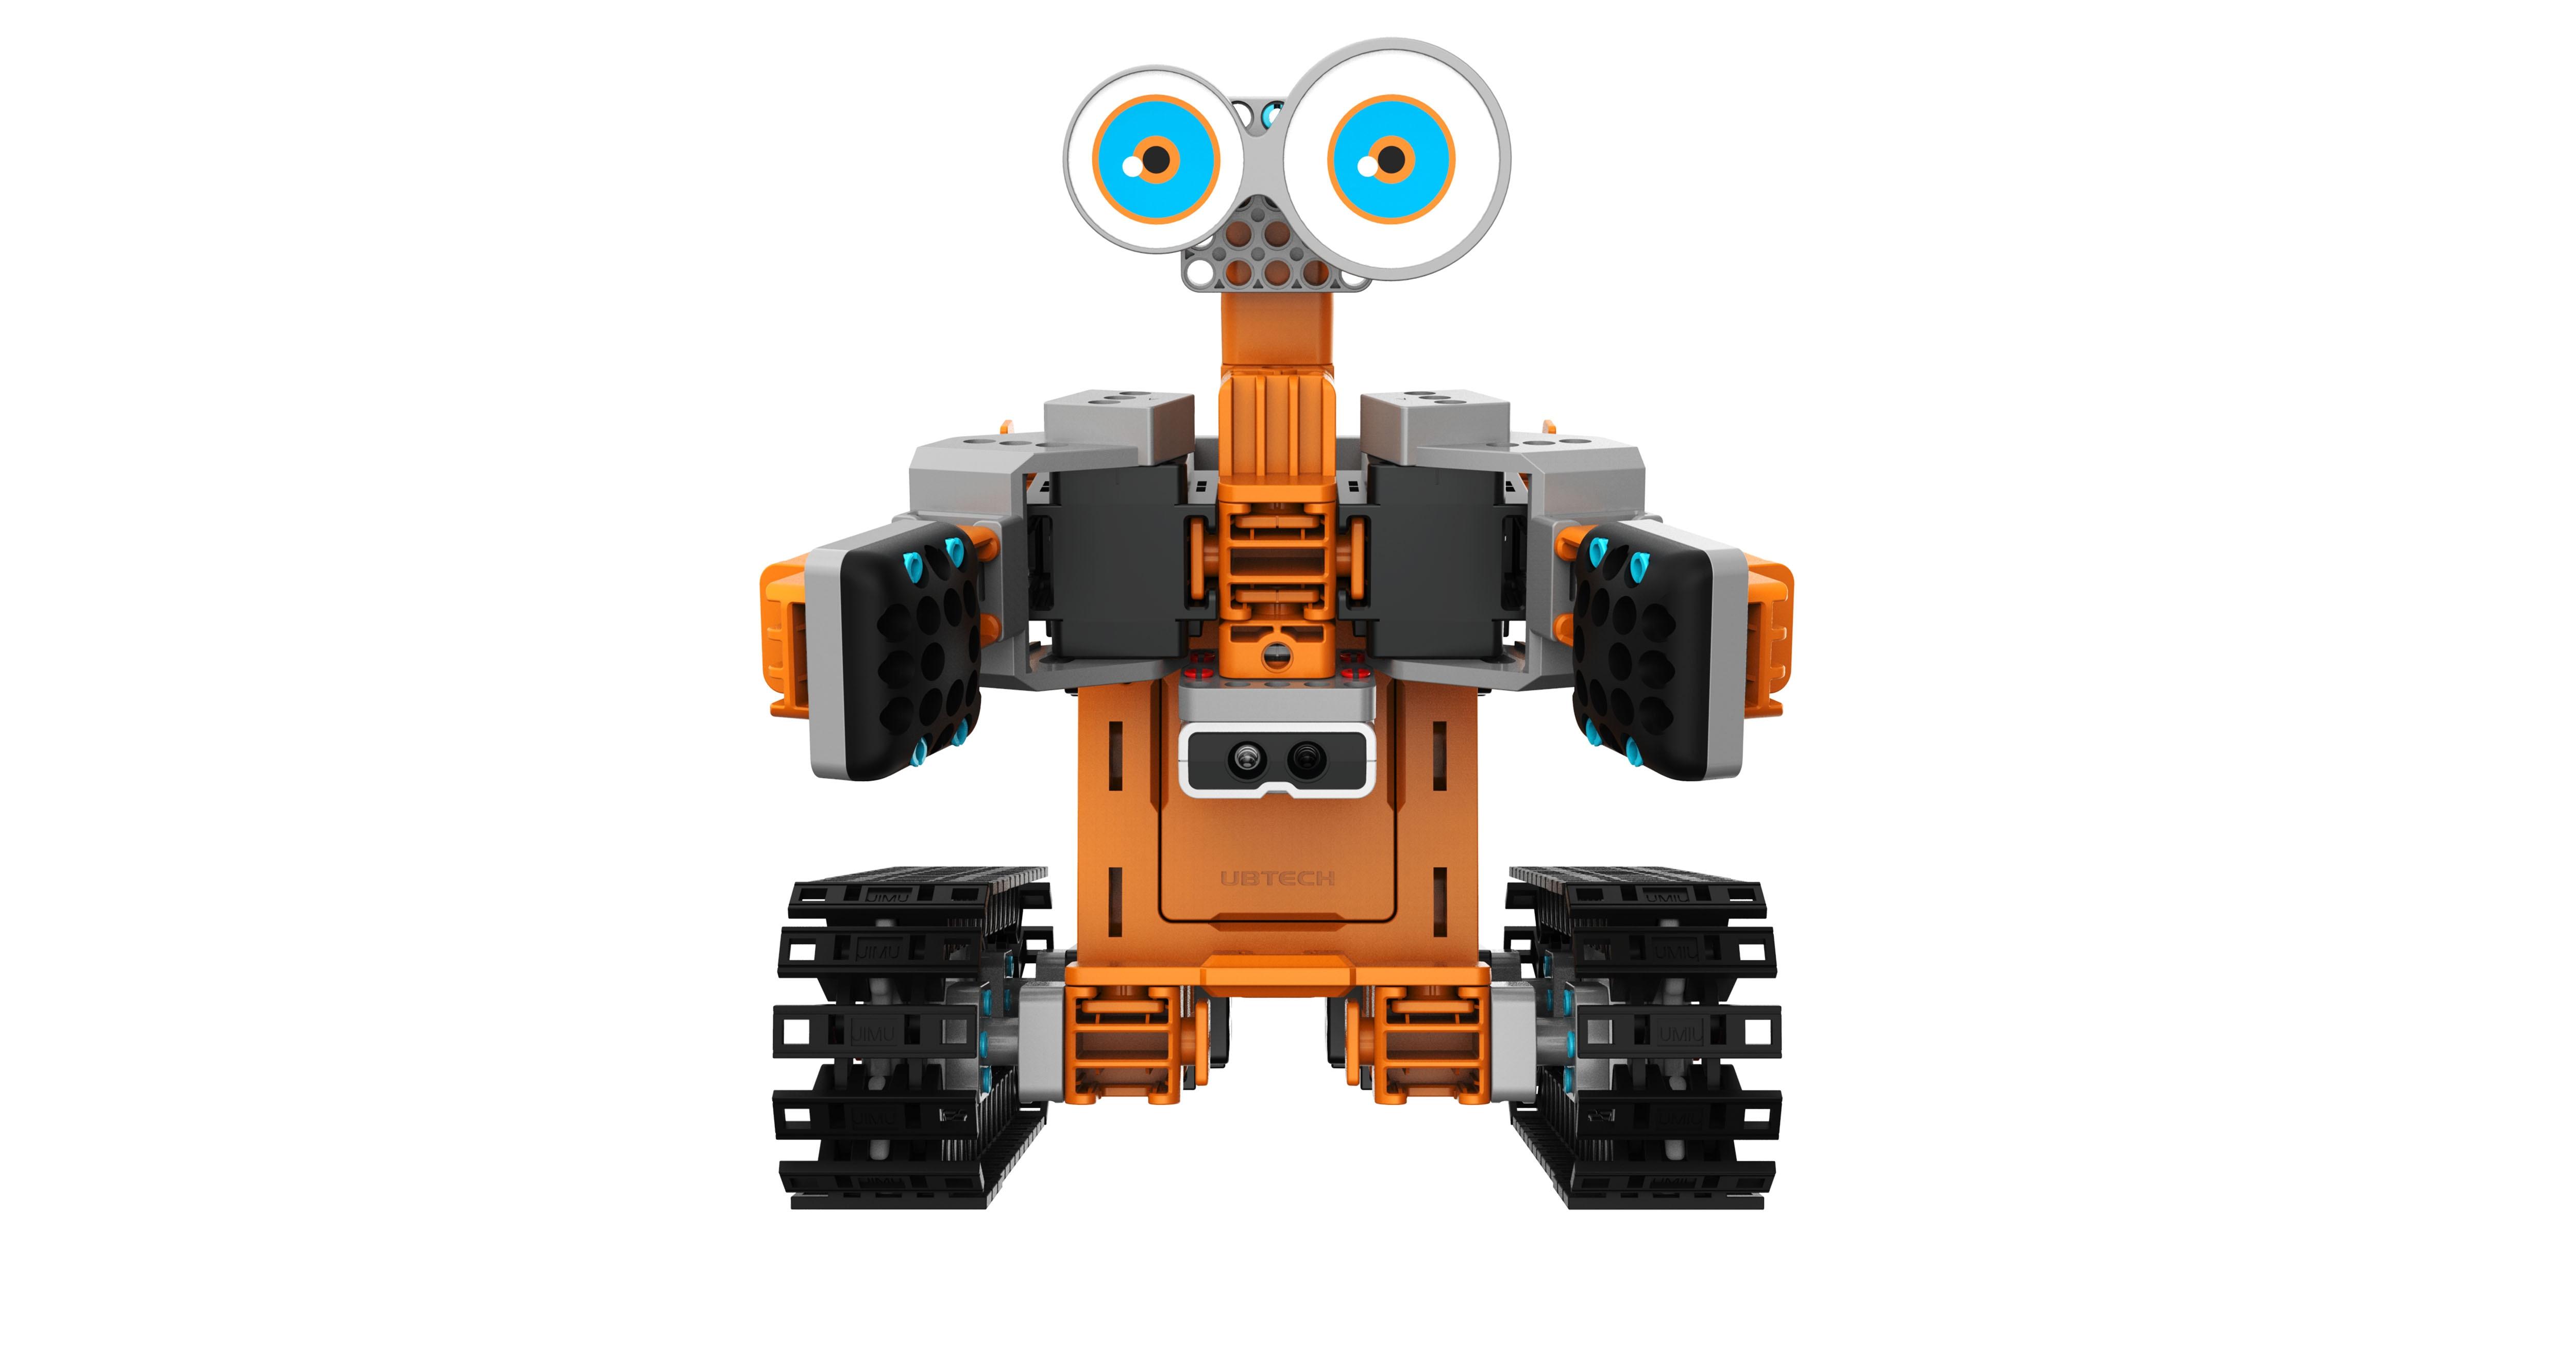 Jimu robot tankbot un simpatico robottino per imparare a programmare smartworld - Robot per cucinare e cuocere ...